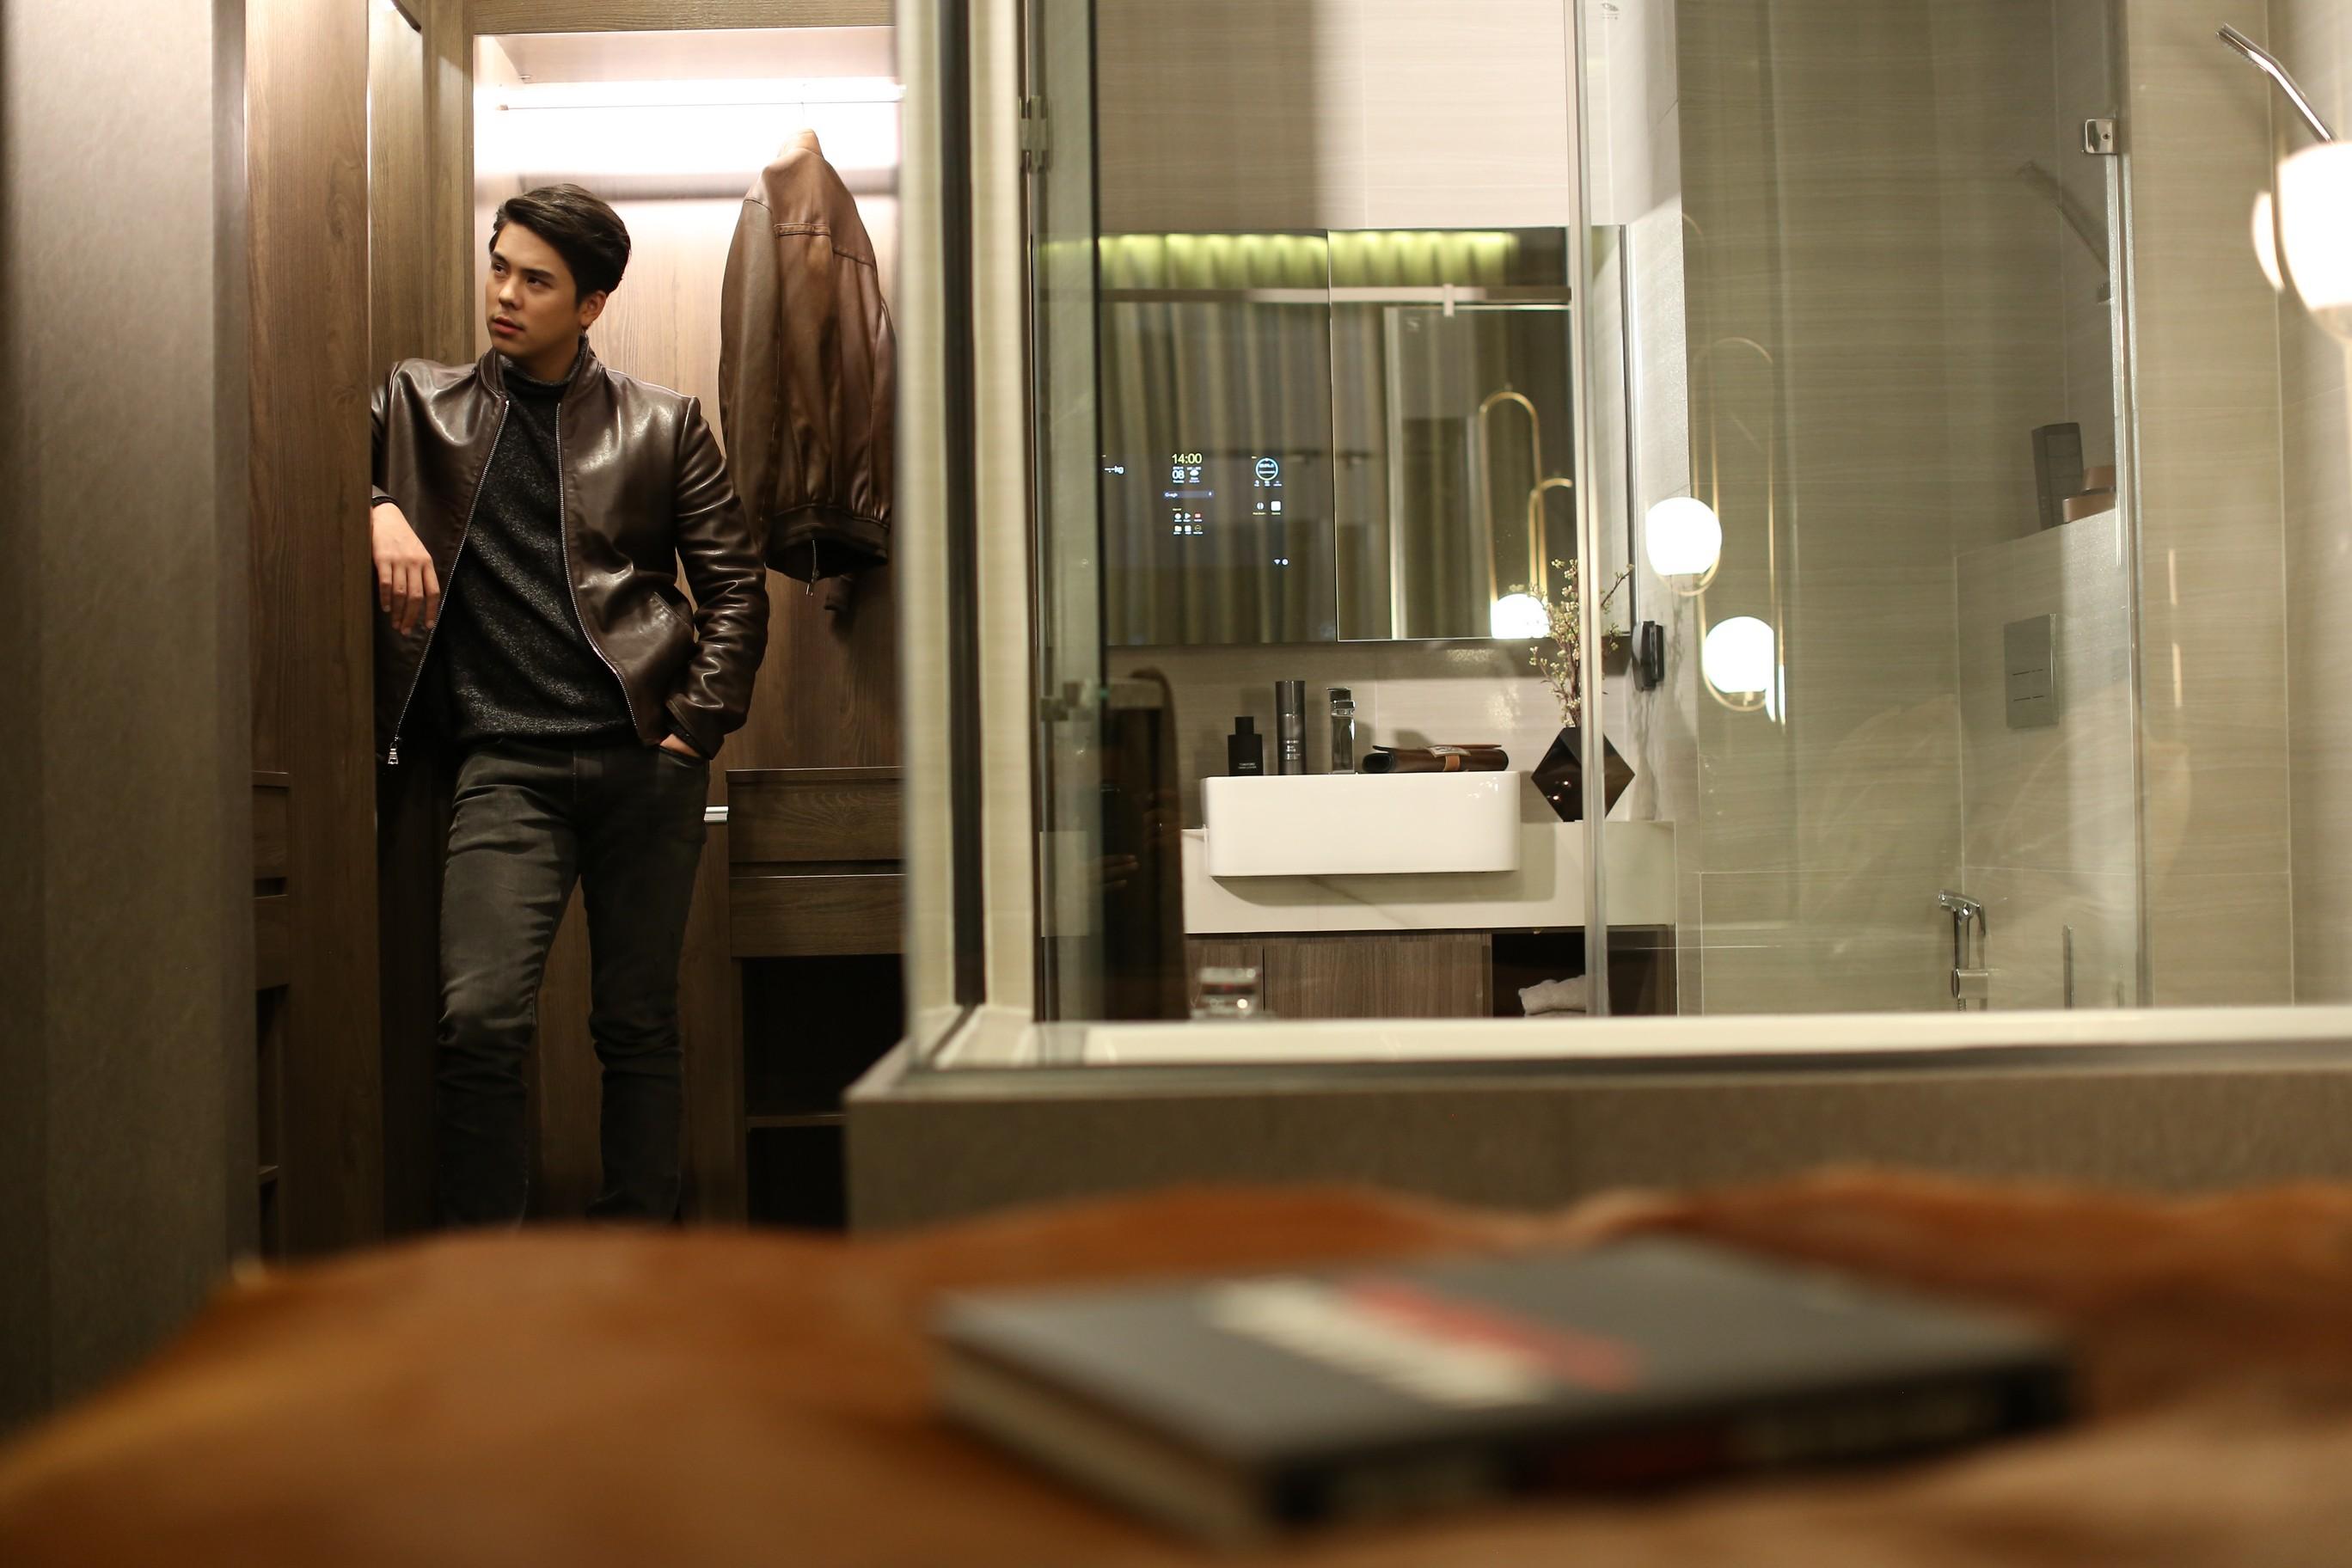 ฟังก์ชั่นโดนใจกับ Walk-in Closet & Sexy Bath @ 1 BED SIMPLEX โครงการ Park Origin Thonglor